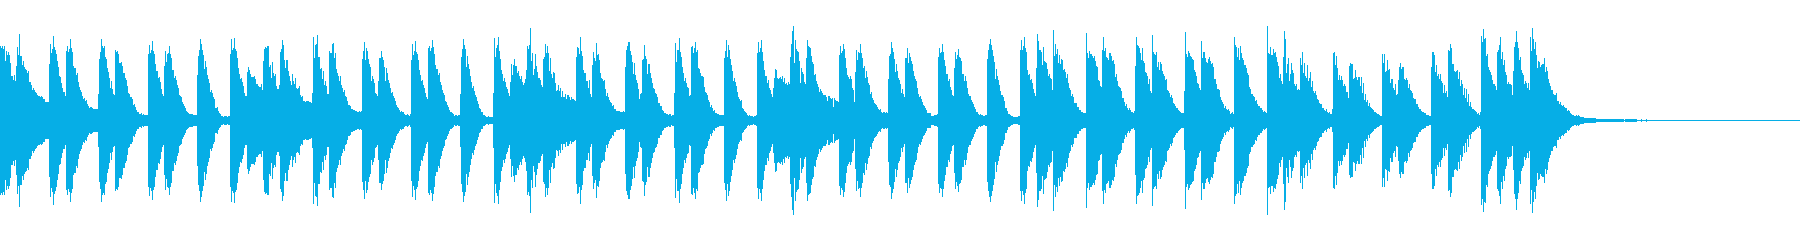 華やかで疾走感のあるピアノジングルの再生済みの波形